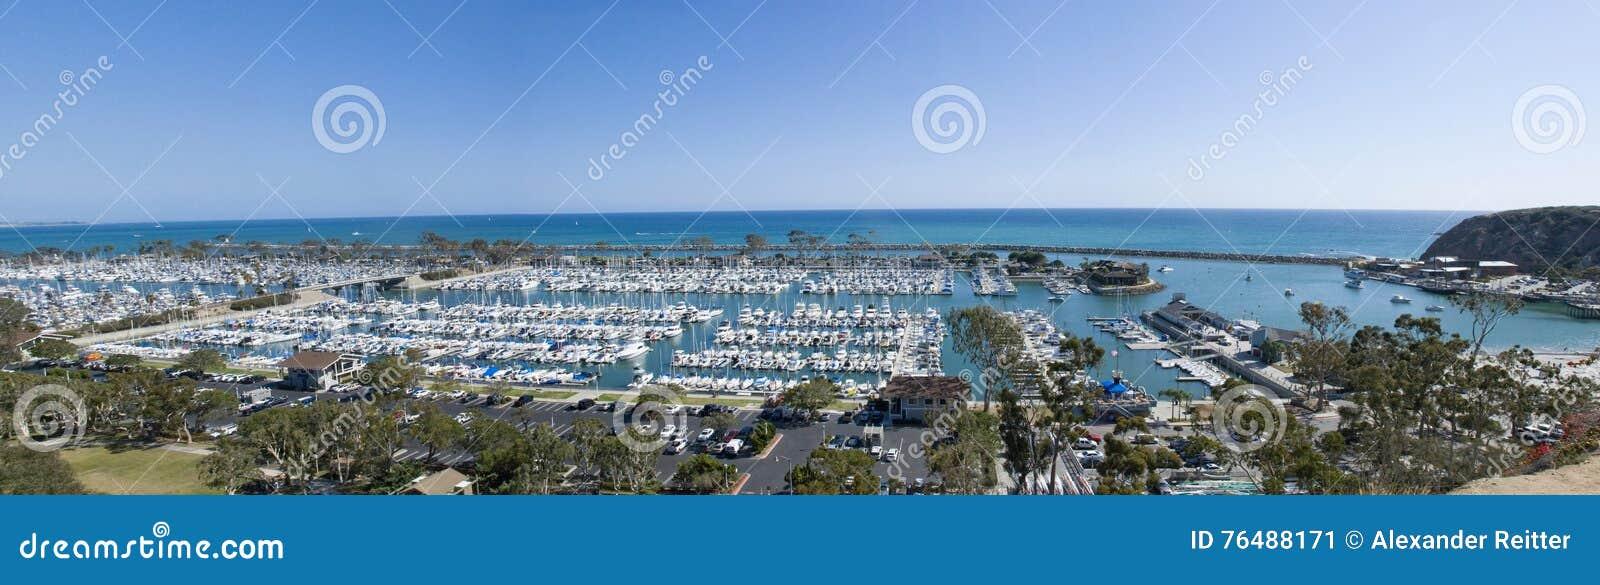 Vista panorâmica do porto de Dana Point, Condado de Orange - Califórnia